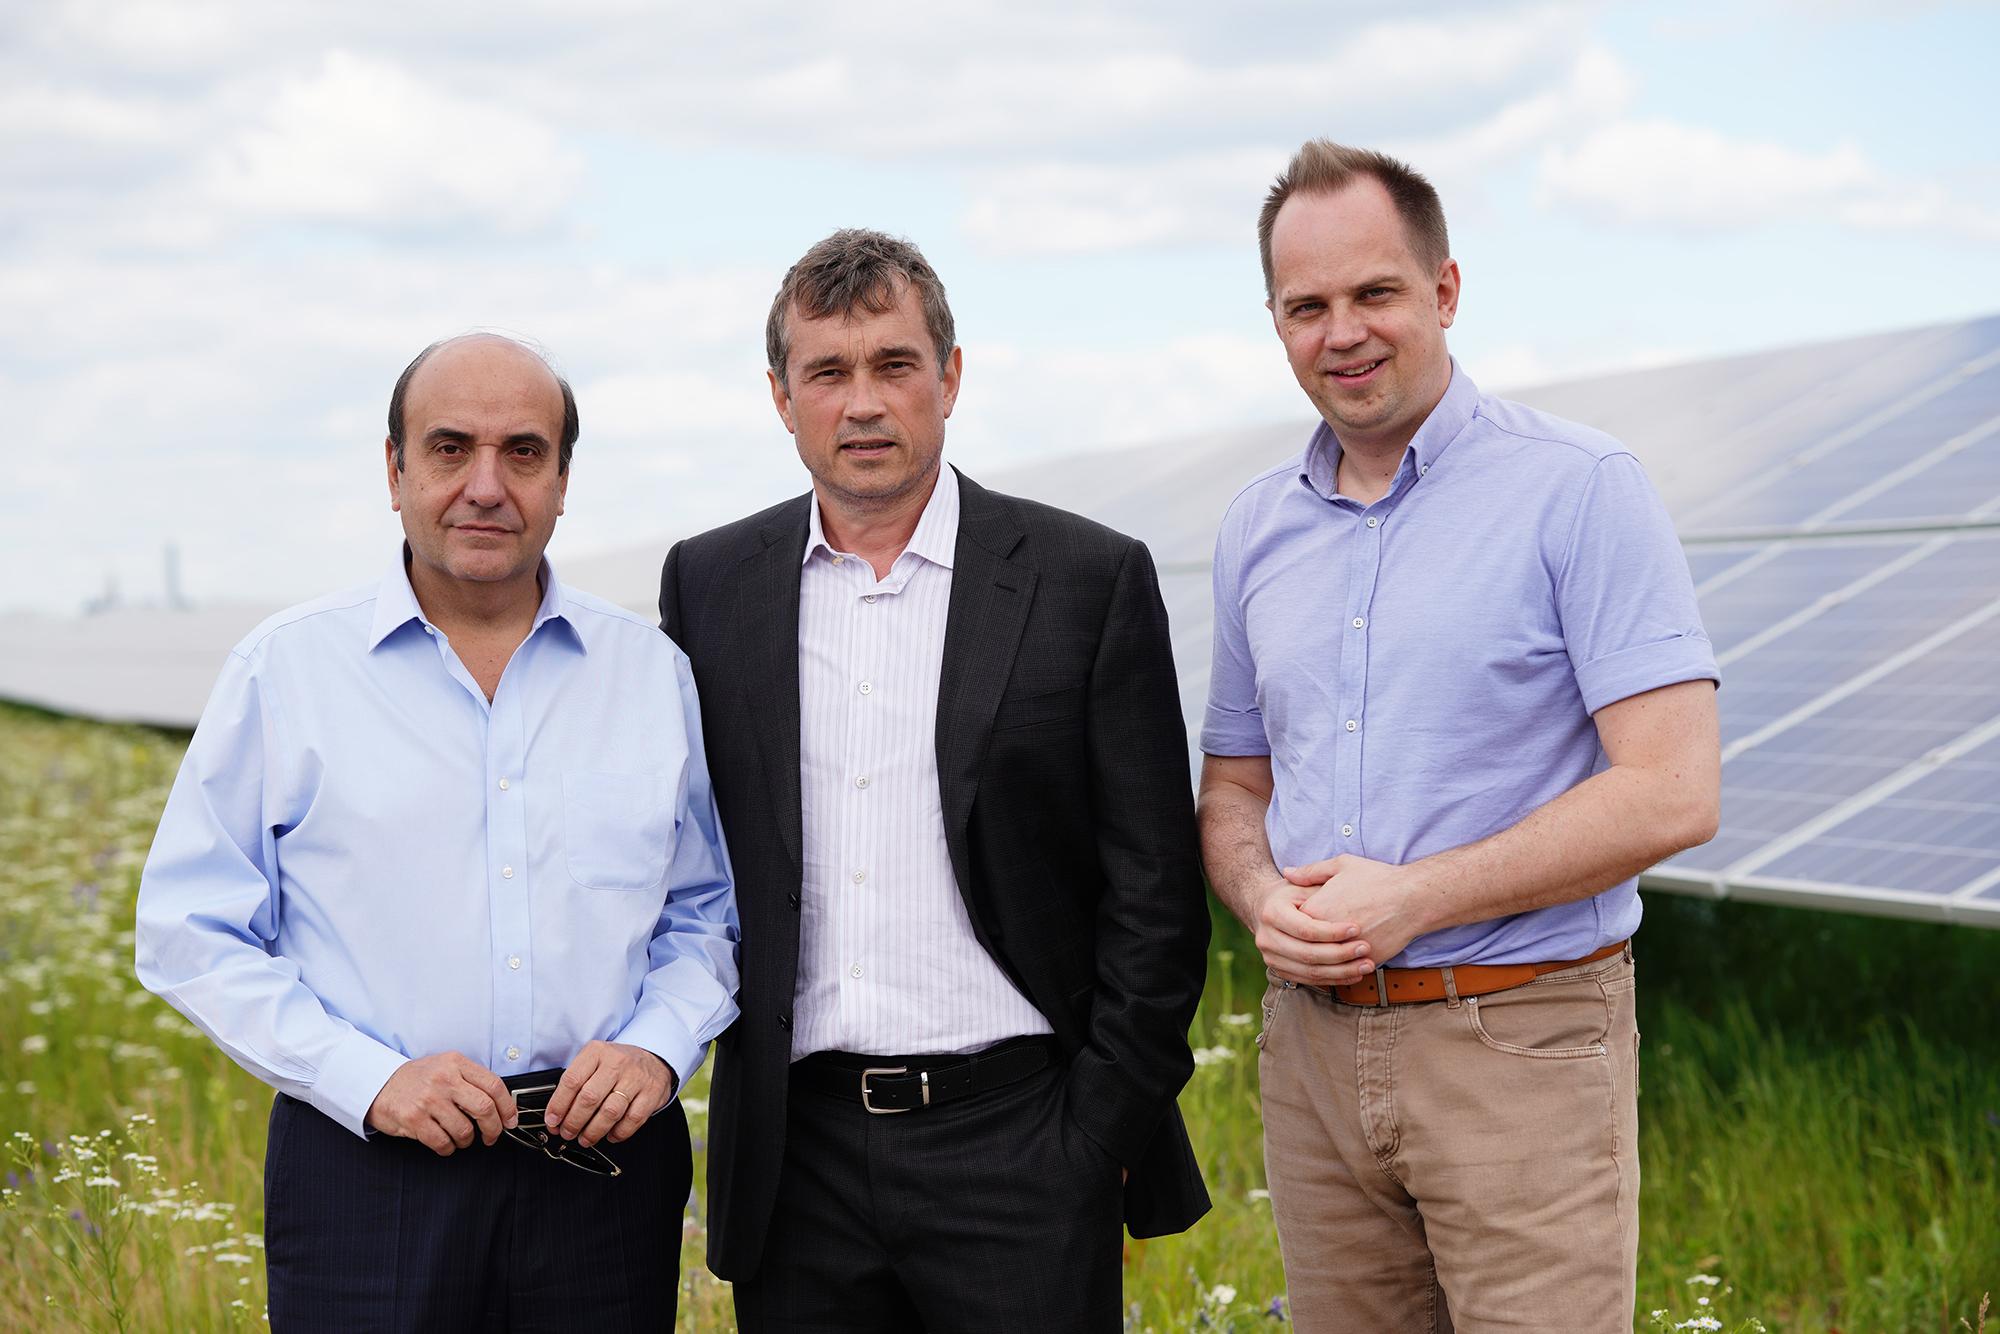 Испанская компания Acciona Energia Global инвестирует 55 млн евро в строительство в Киевской области солнечной электростанции мощностью 57 МВт